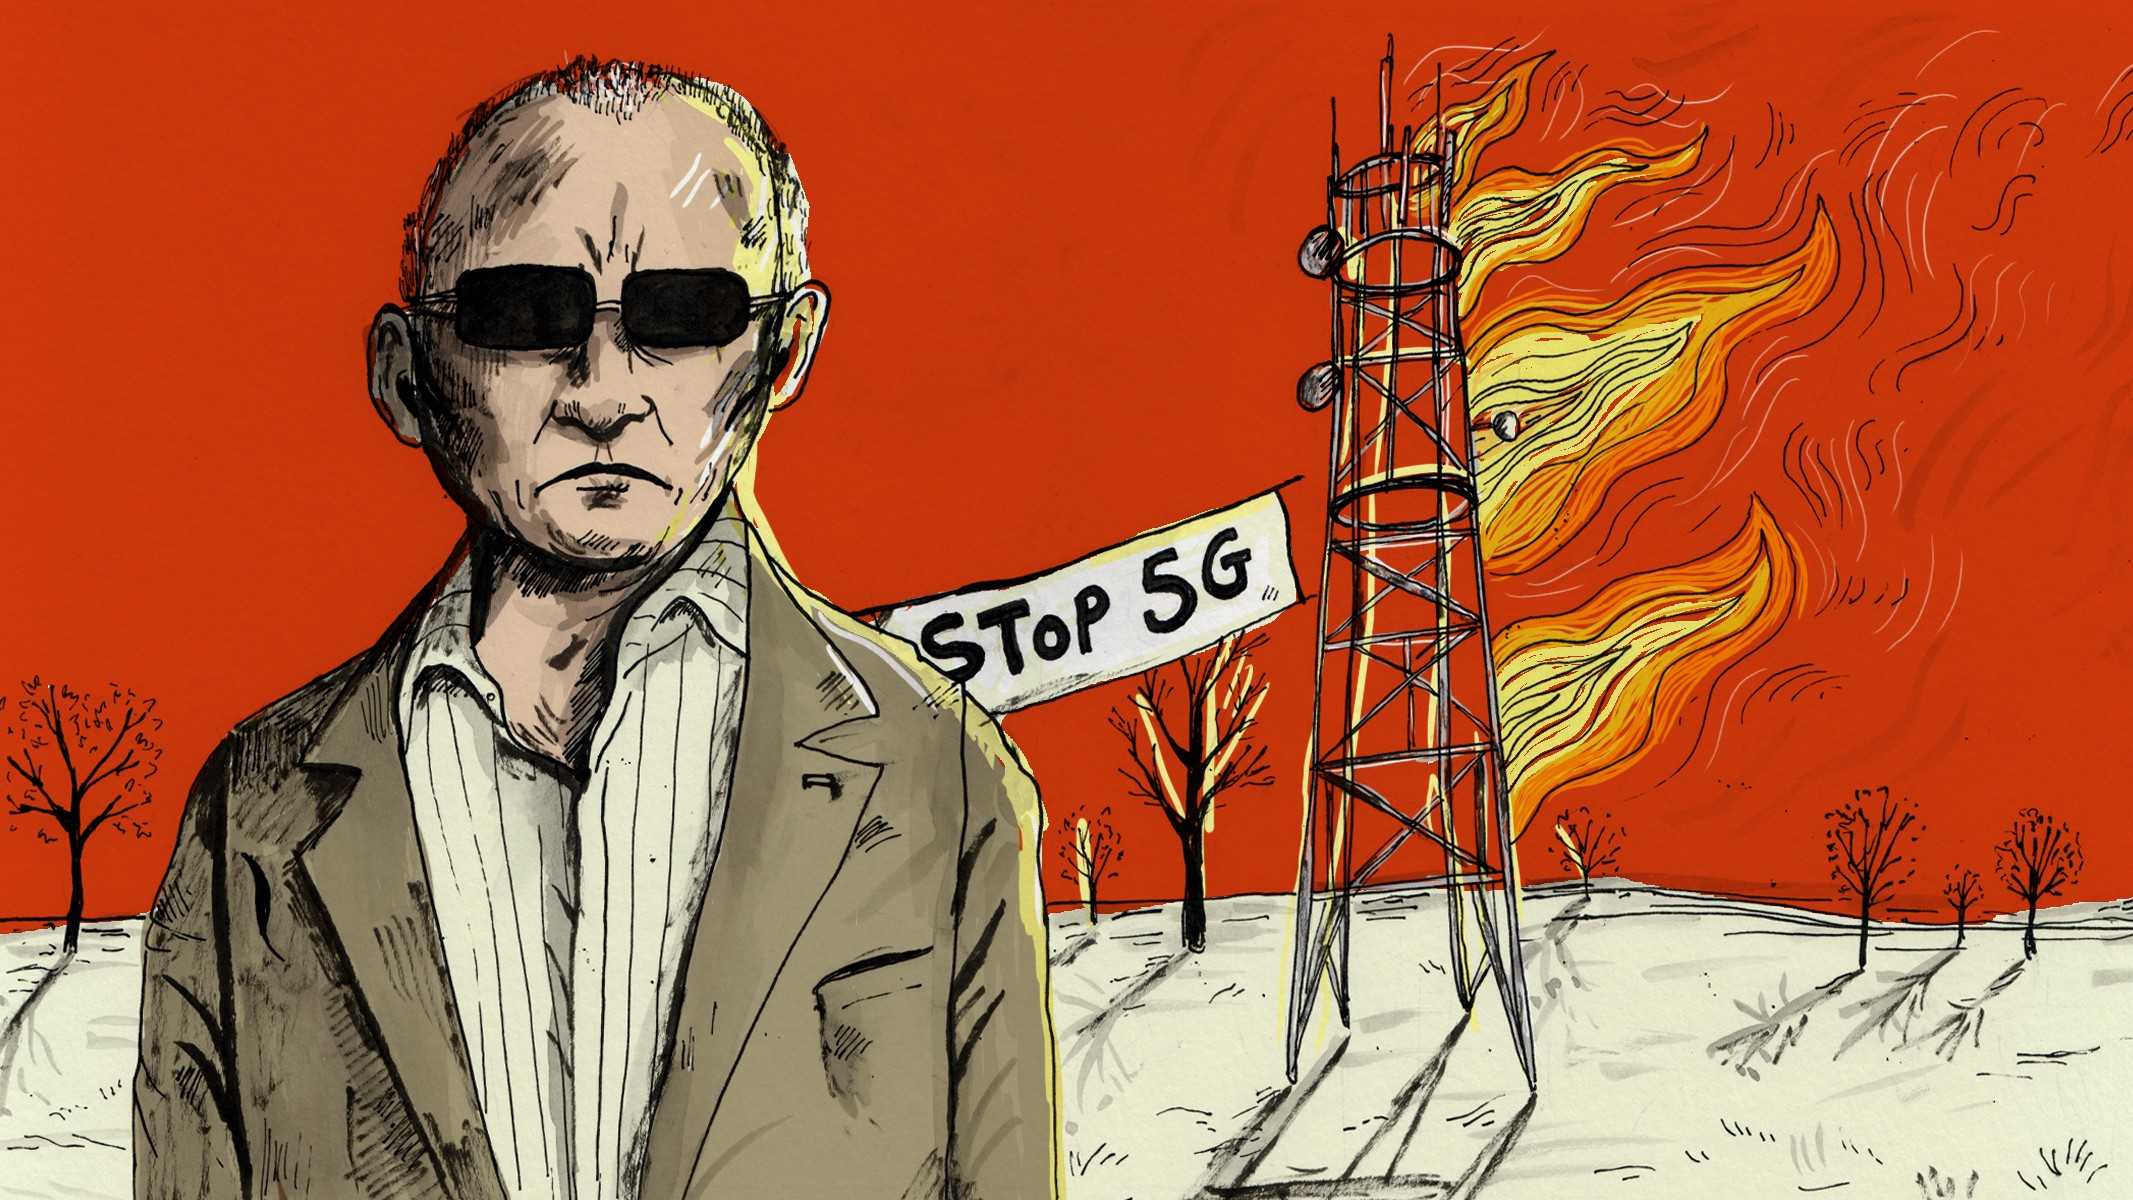 Во Франции борцы с 5G подожгли вышку. Но оказалось, что она не использовалась для 5G связи